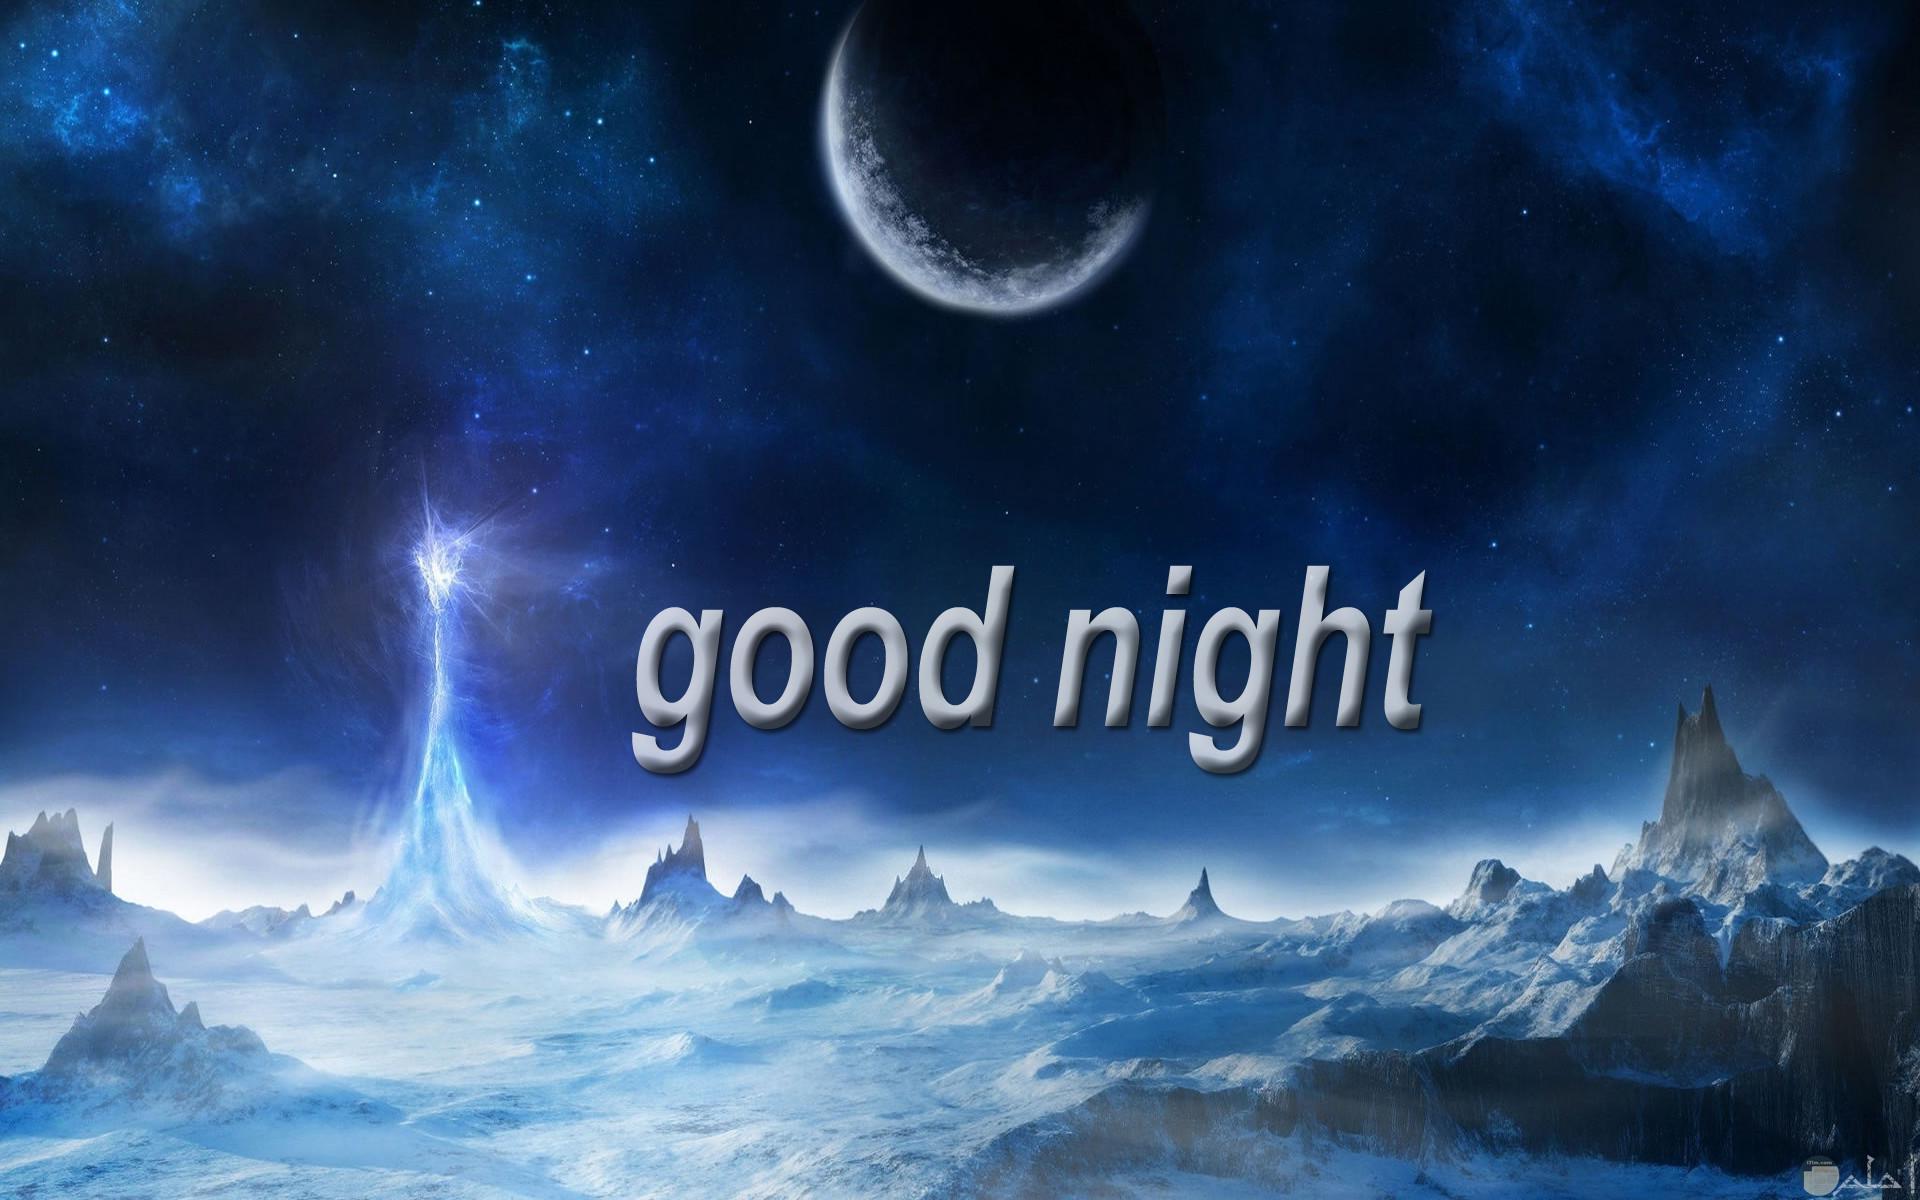 صورة good night